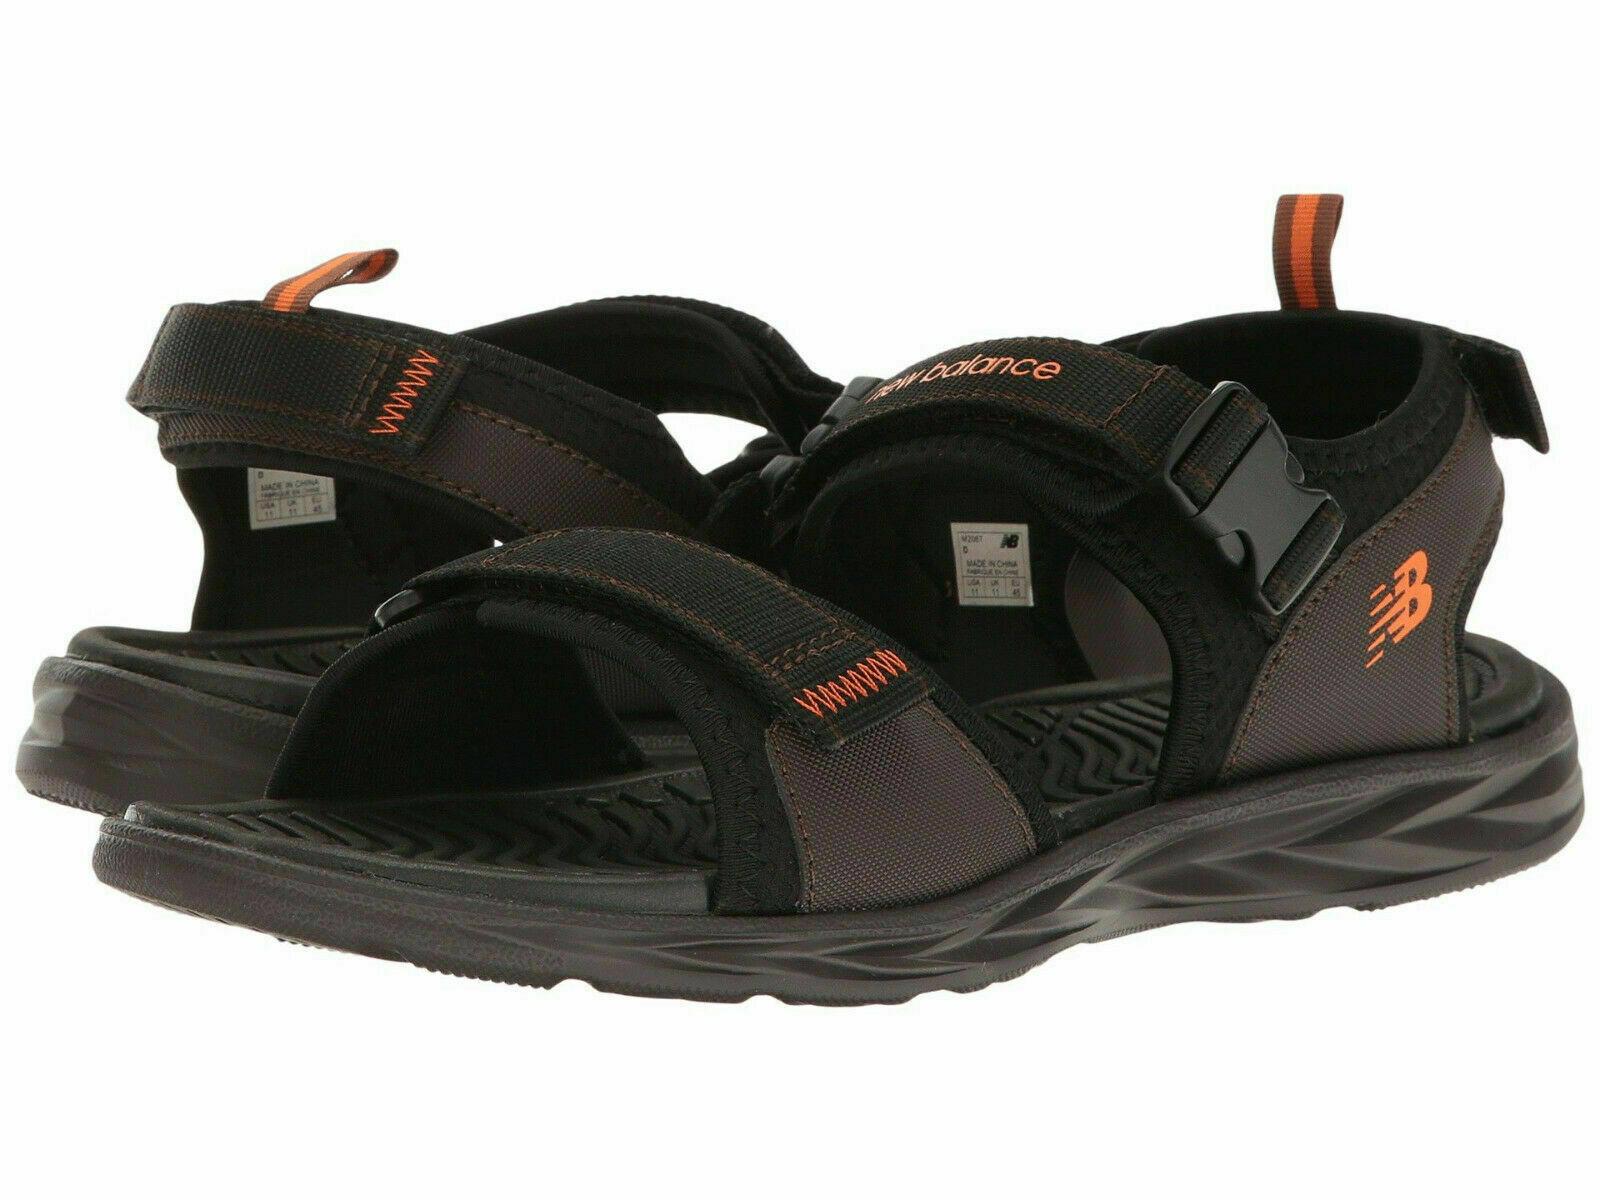 Hommes New Balance Response réglable Sandale M2067BR marron 100% Authentique Neuf